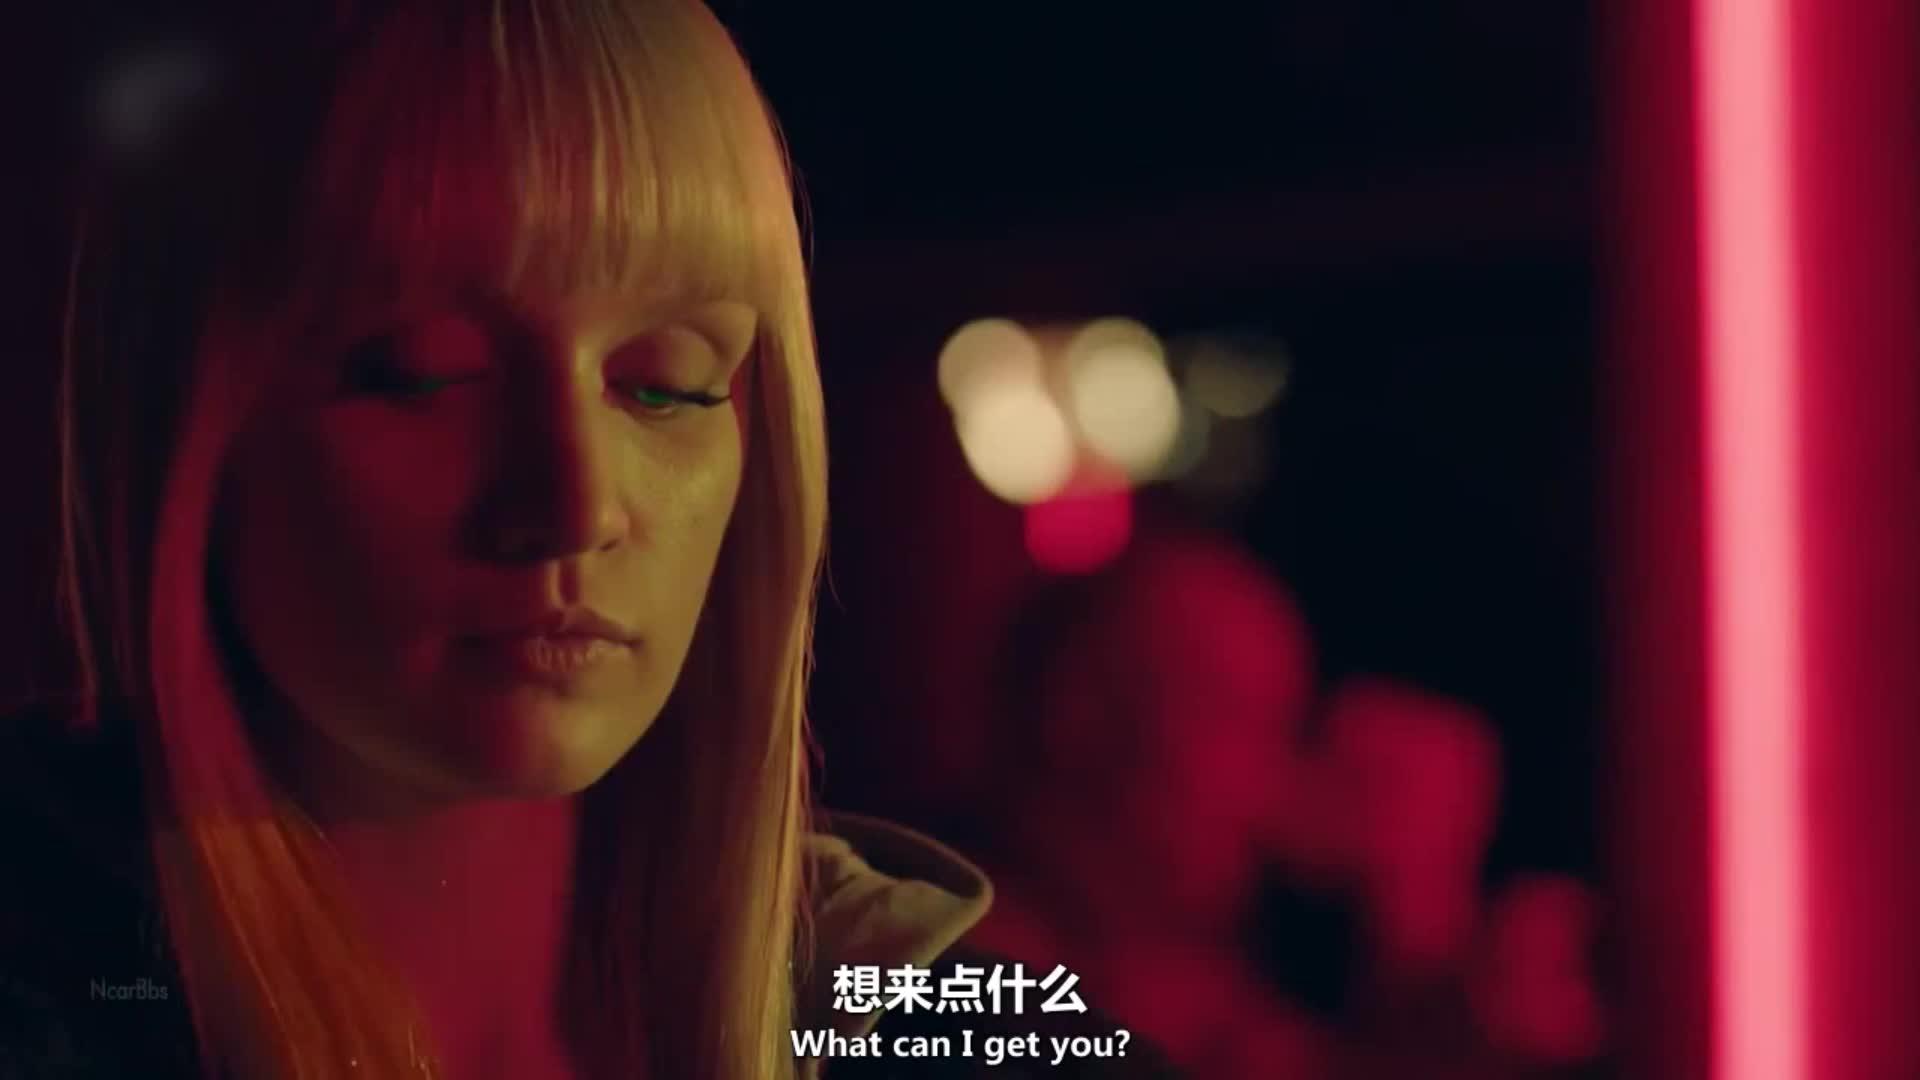 机器人来到酒吧,酒保是个话唠,话多的让她有些不高兴